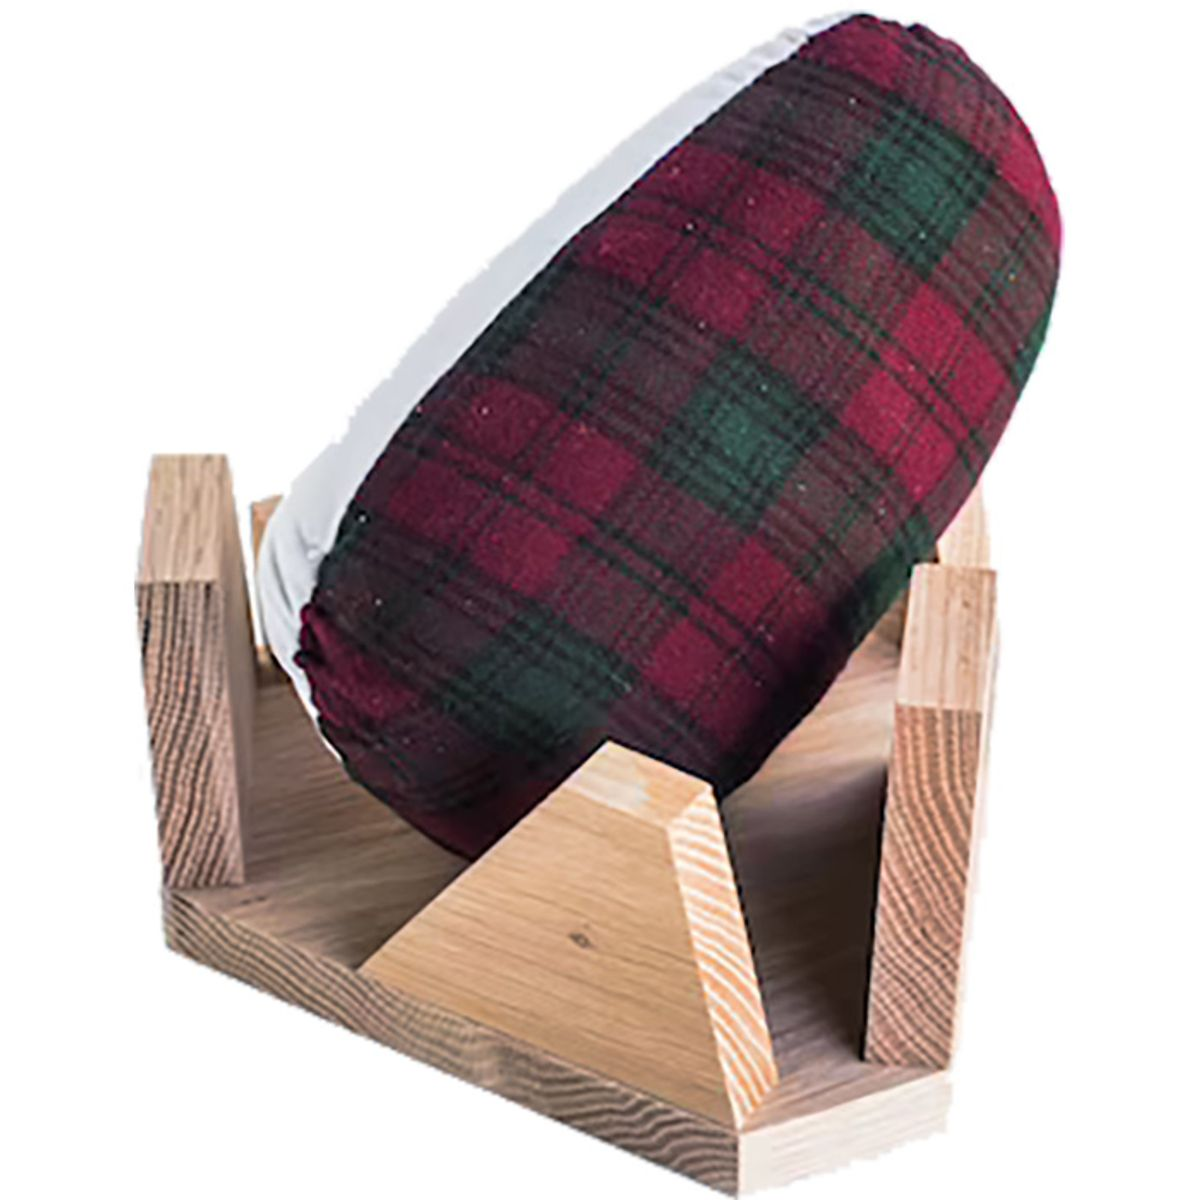 Support en bois pour coussin de repassage